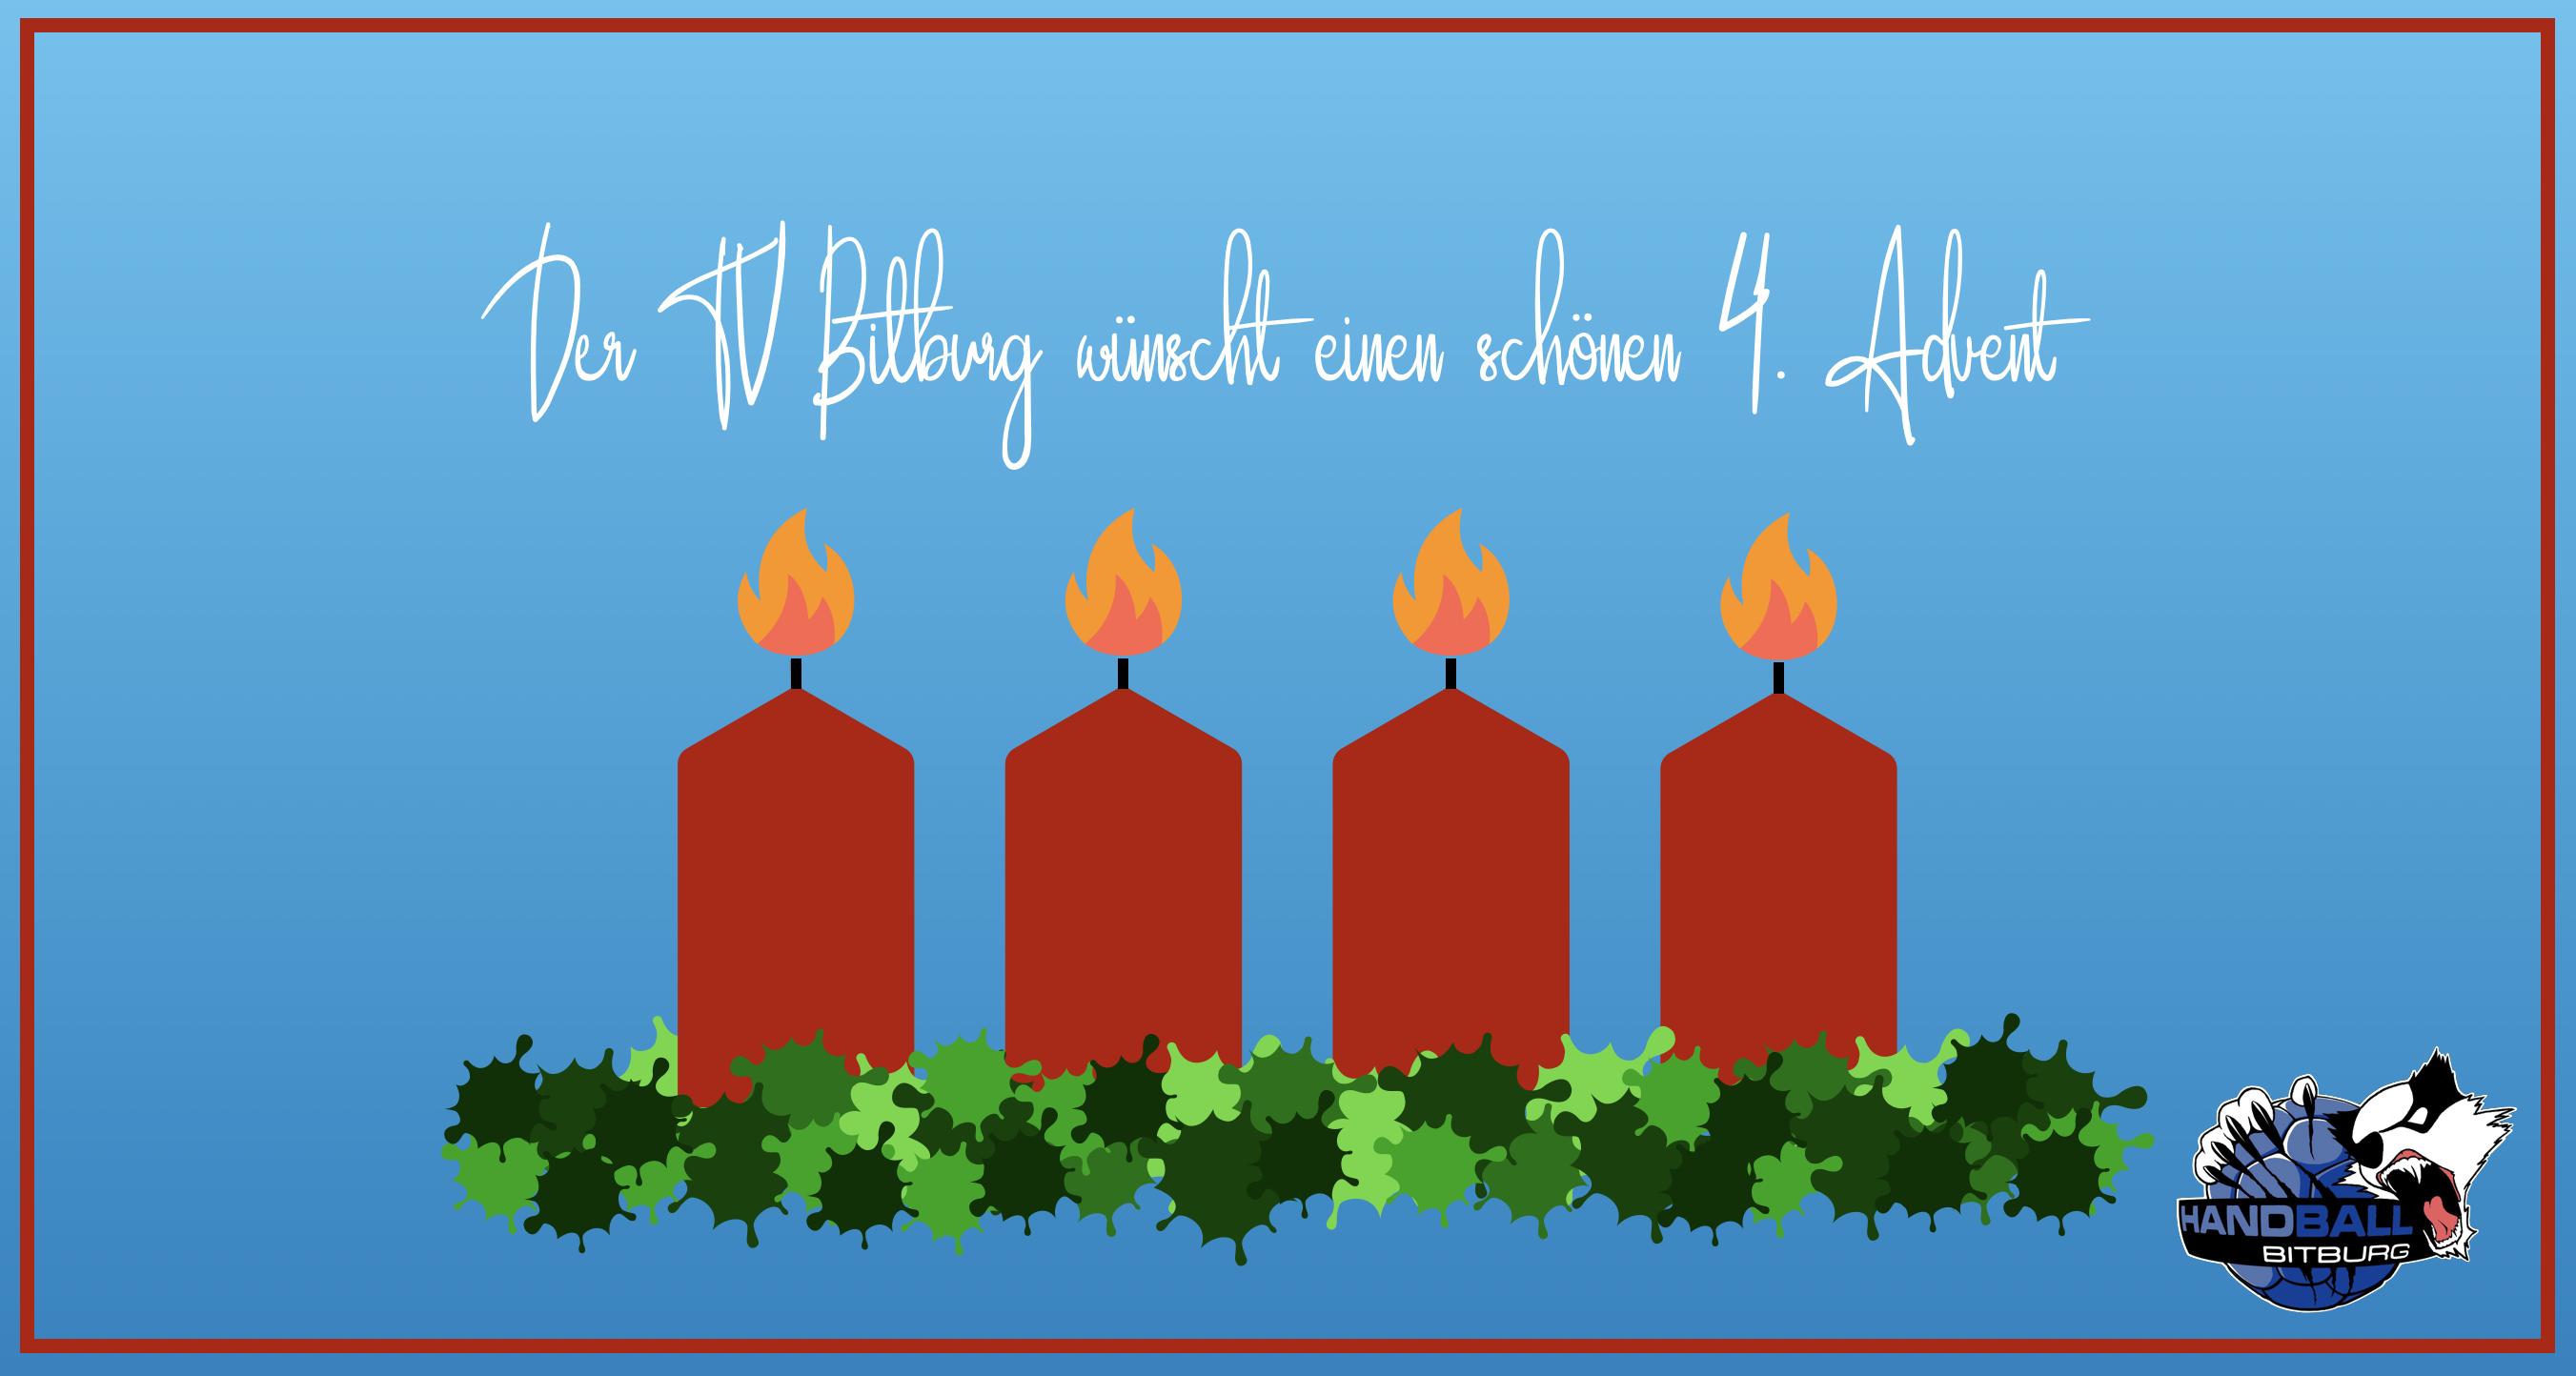 Wir wünschen ein schönen 4. Advent